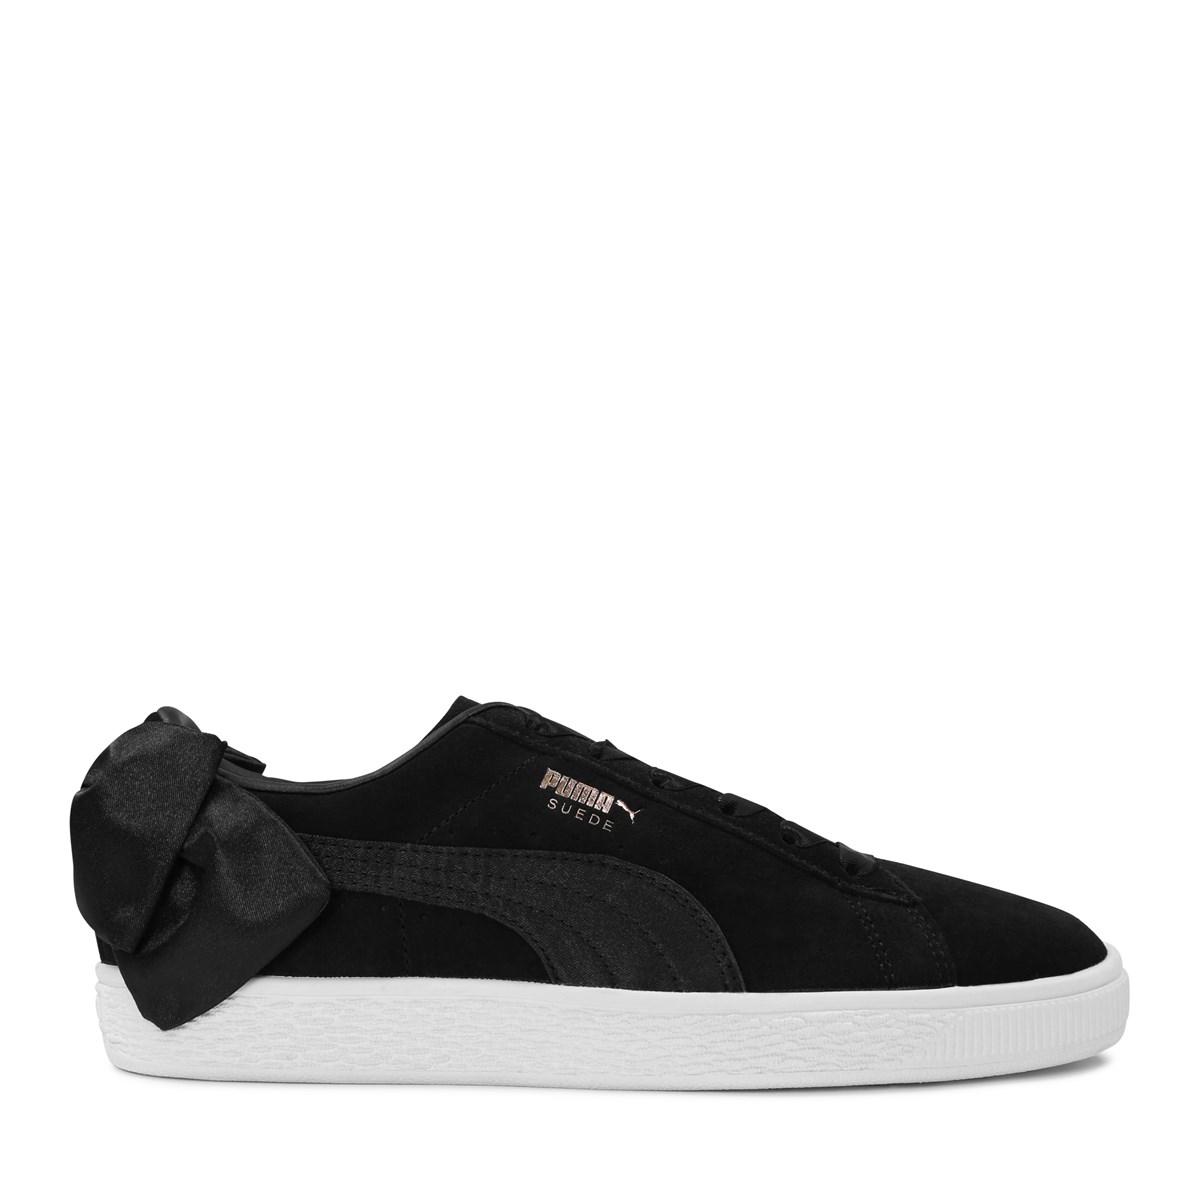 Women's Suede Bow Black Sneaker